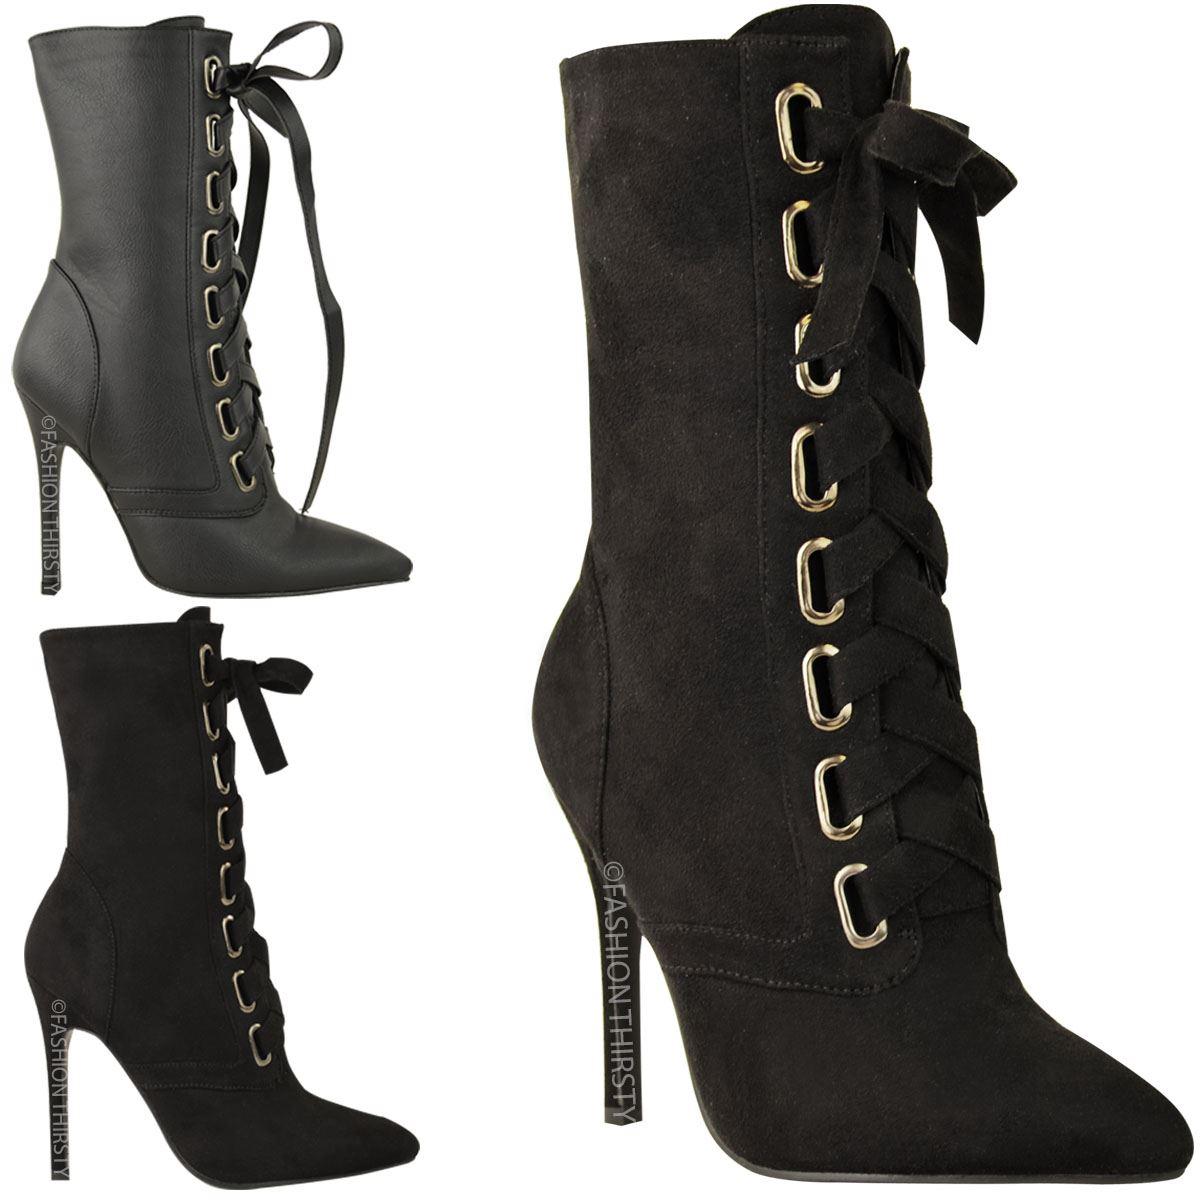 femme femmes lacets talons aiguilles high heels bottes bottines mi